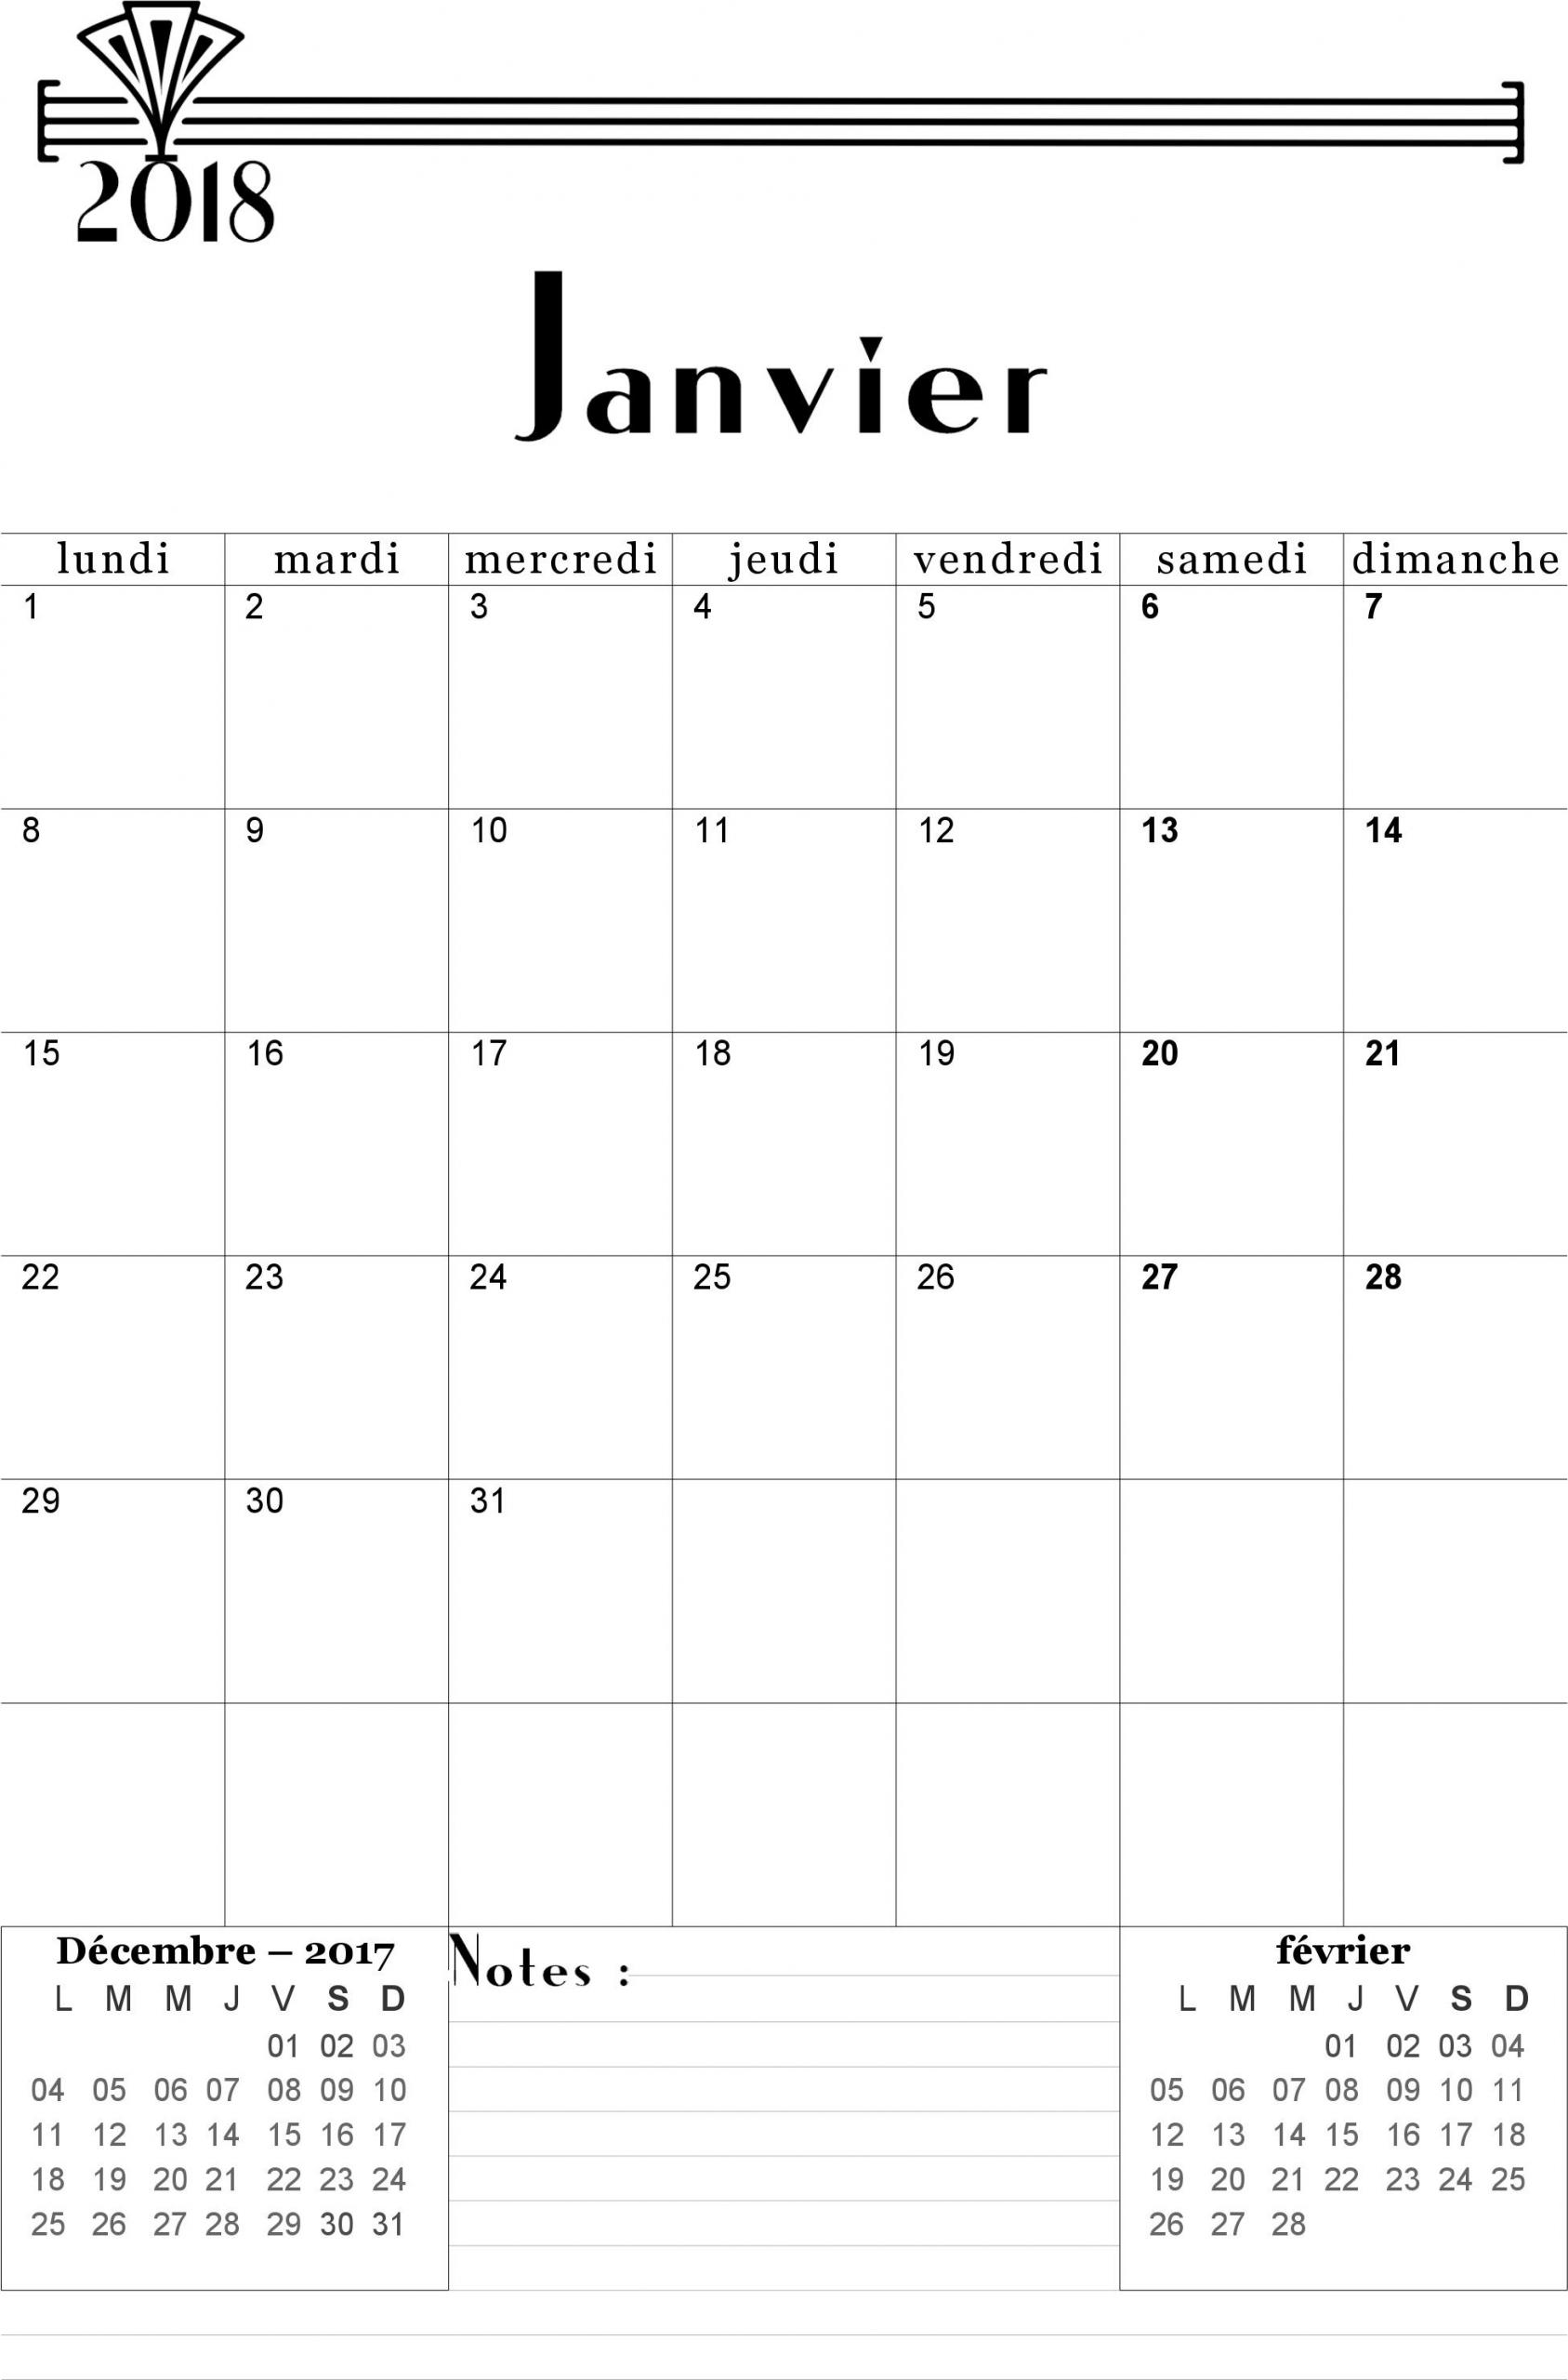 Calendrier Janvier 2018 À Imprimer Gratuitement serapportantà Calendrier 2018 À Imprimer Pdf